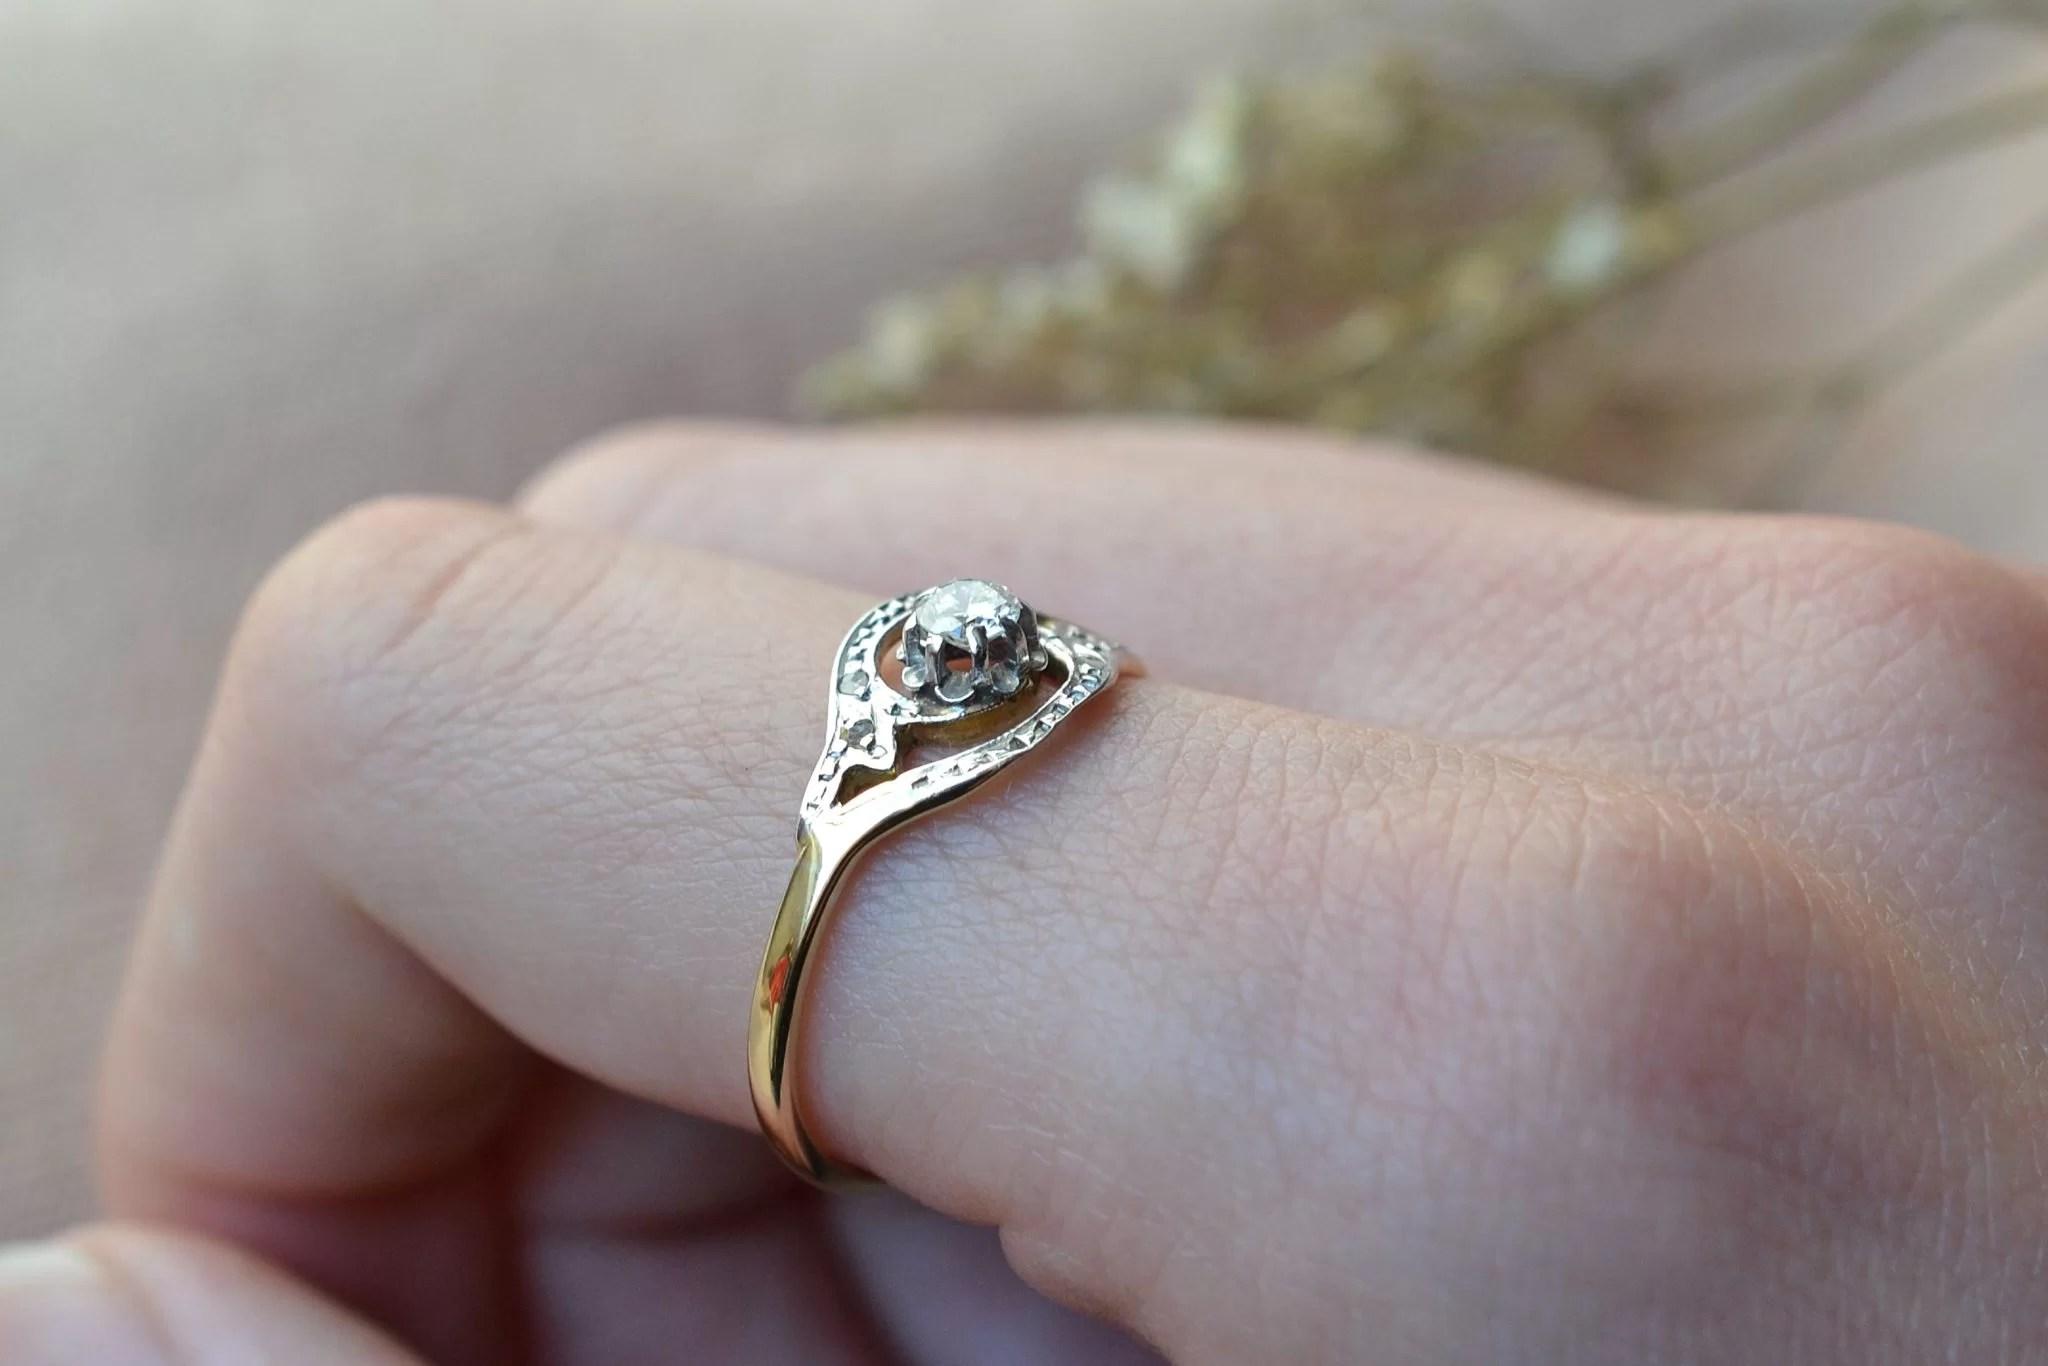 Bague en Or jaune et Or blanc ornée d_un diamant de taille ancienne et de diamants de taille rose - bague de seconde main